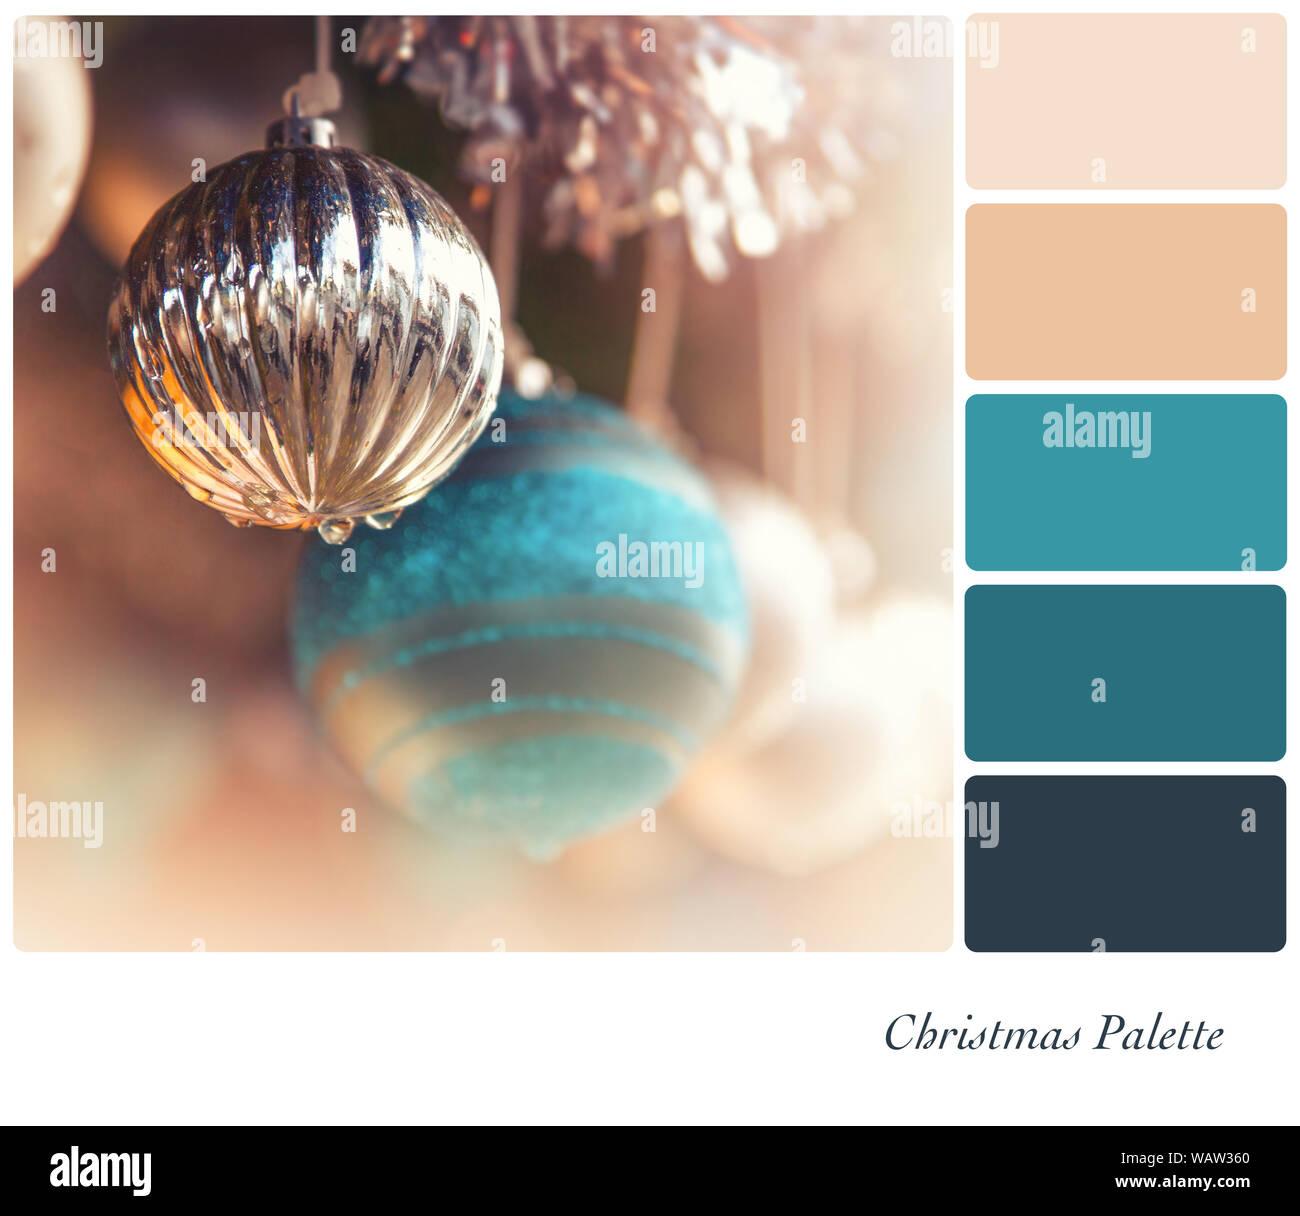 Silber Und Turkis Im Antiken Stil Christbaumkugeln Hangen Von Lametta In Einer Farbpalette Mit Kostenlosen Farbmuster Stockfotografie Alamy